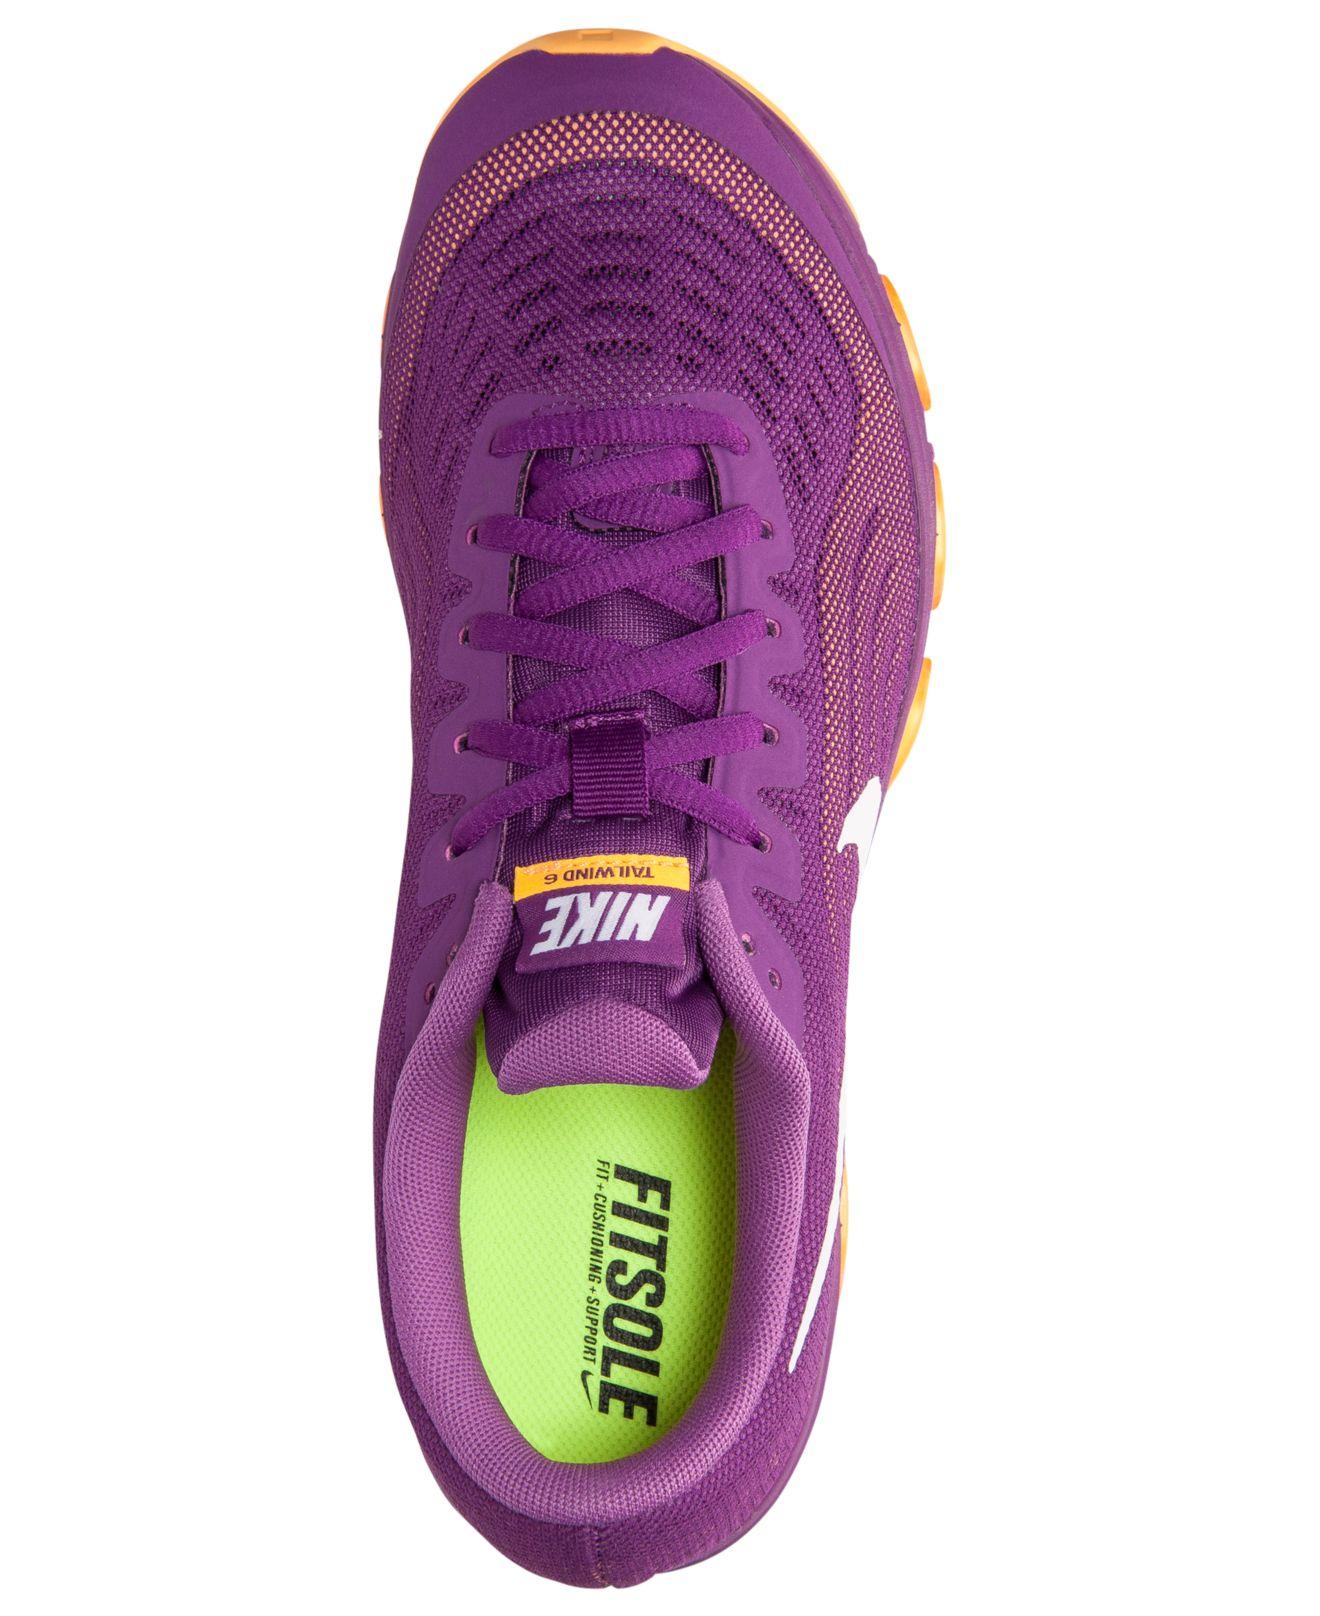 Purple Bdcf7 6 75107 Air Max Nike Tailwind Norway Rain TFKl1Jc3